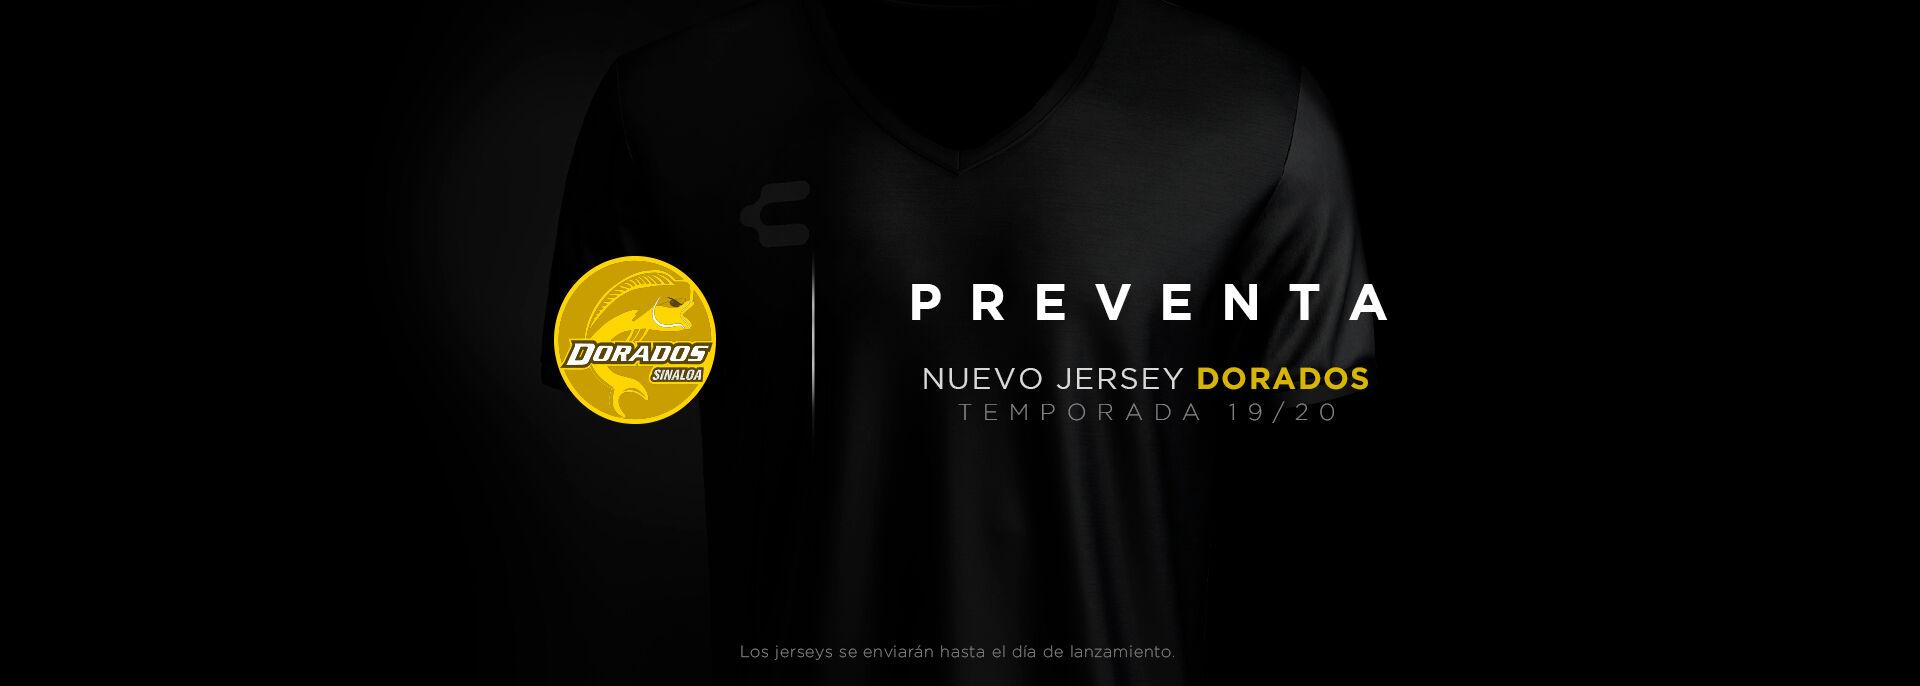 000_preventa_1920x686_dorados.jpg